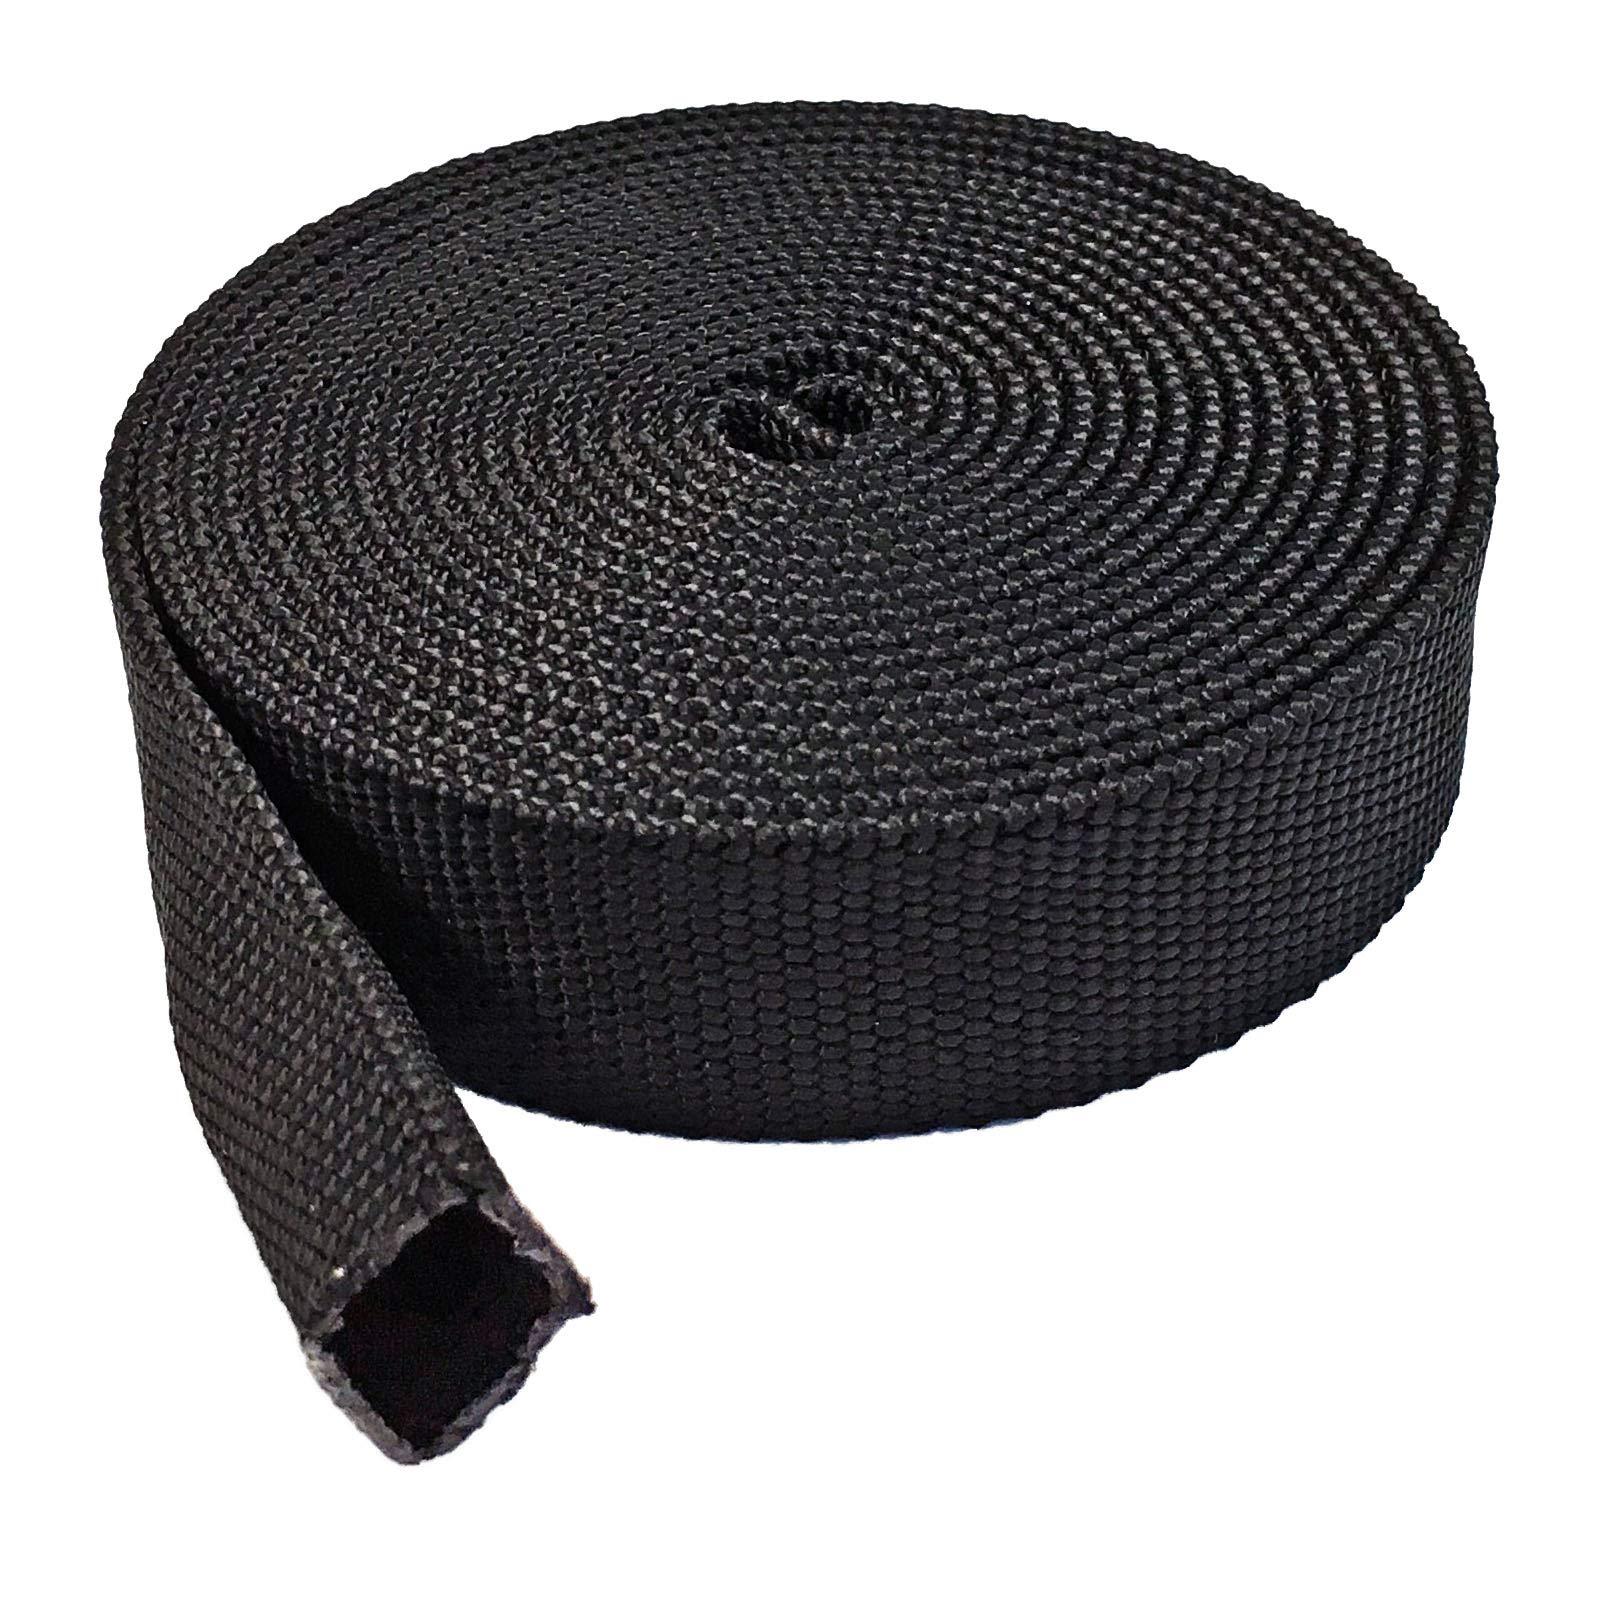 Electriduct 1'' Nylon Protective Hose Sleeve - 100ft Black